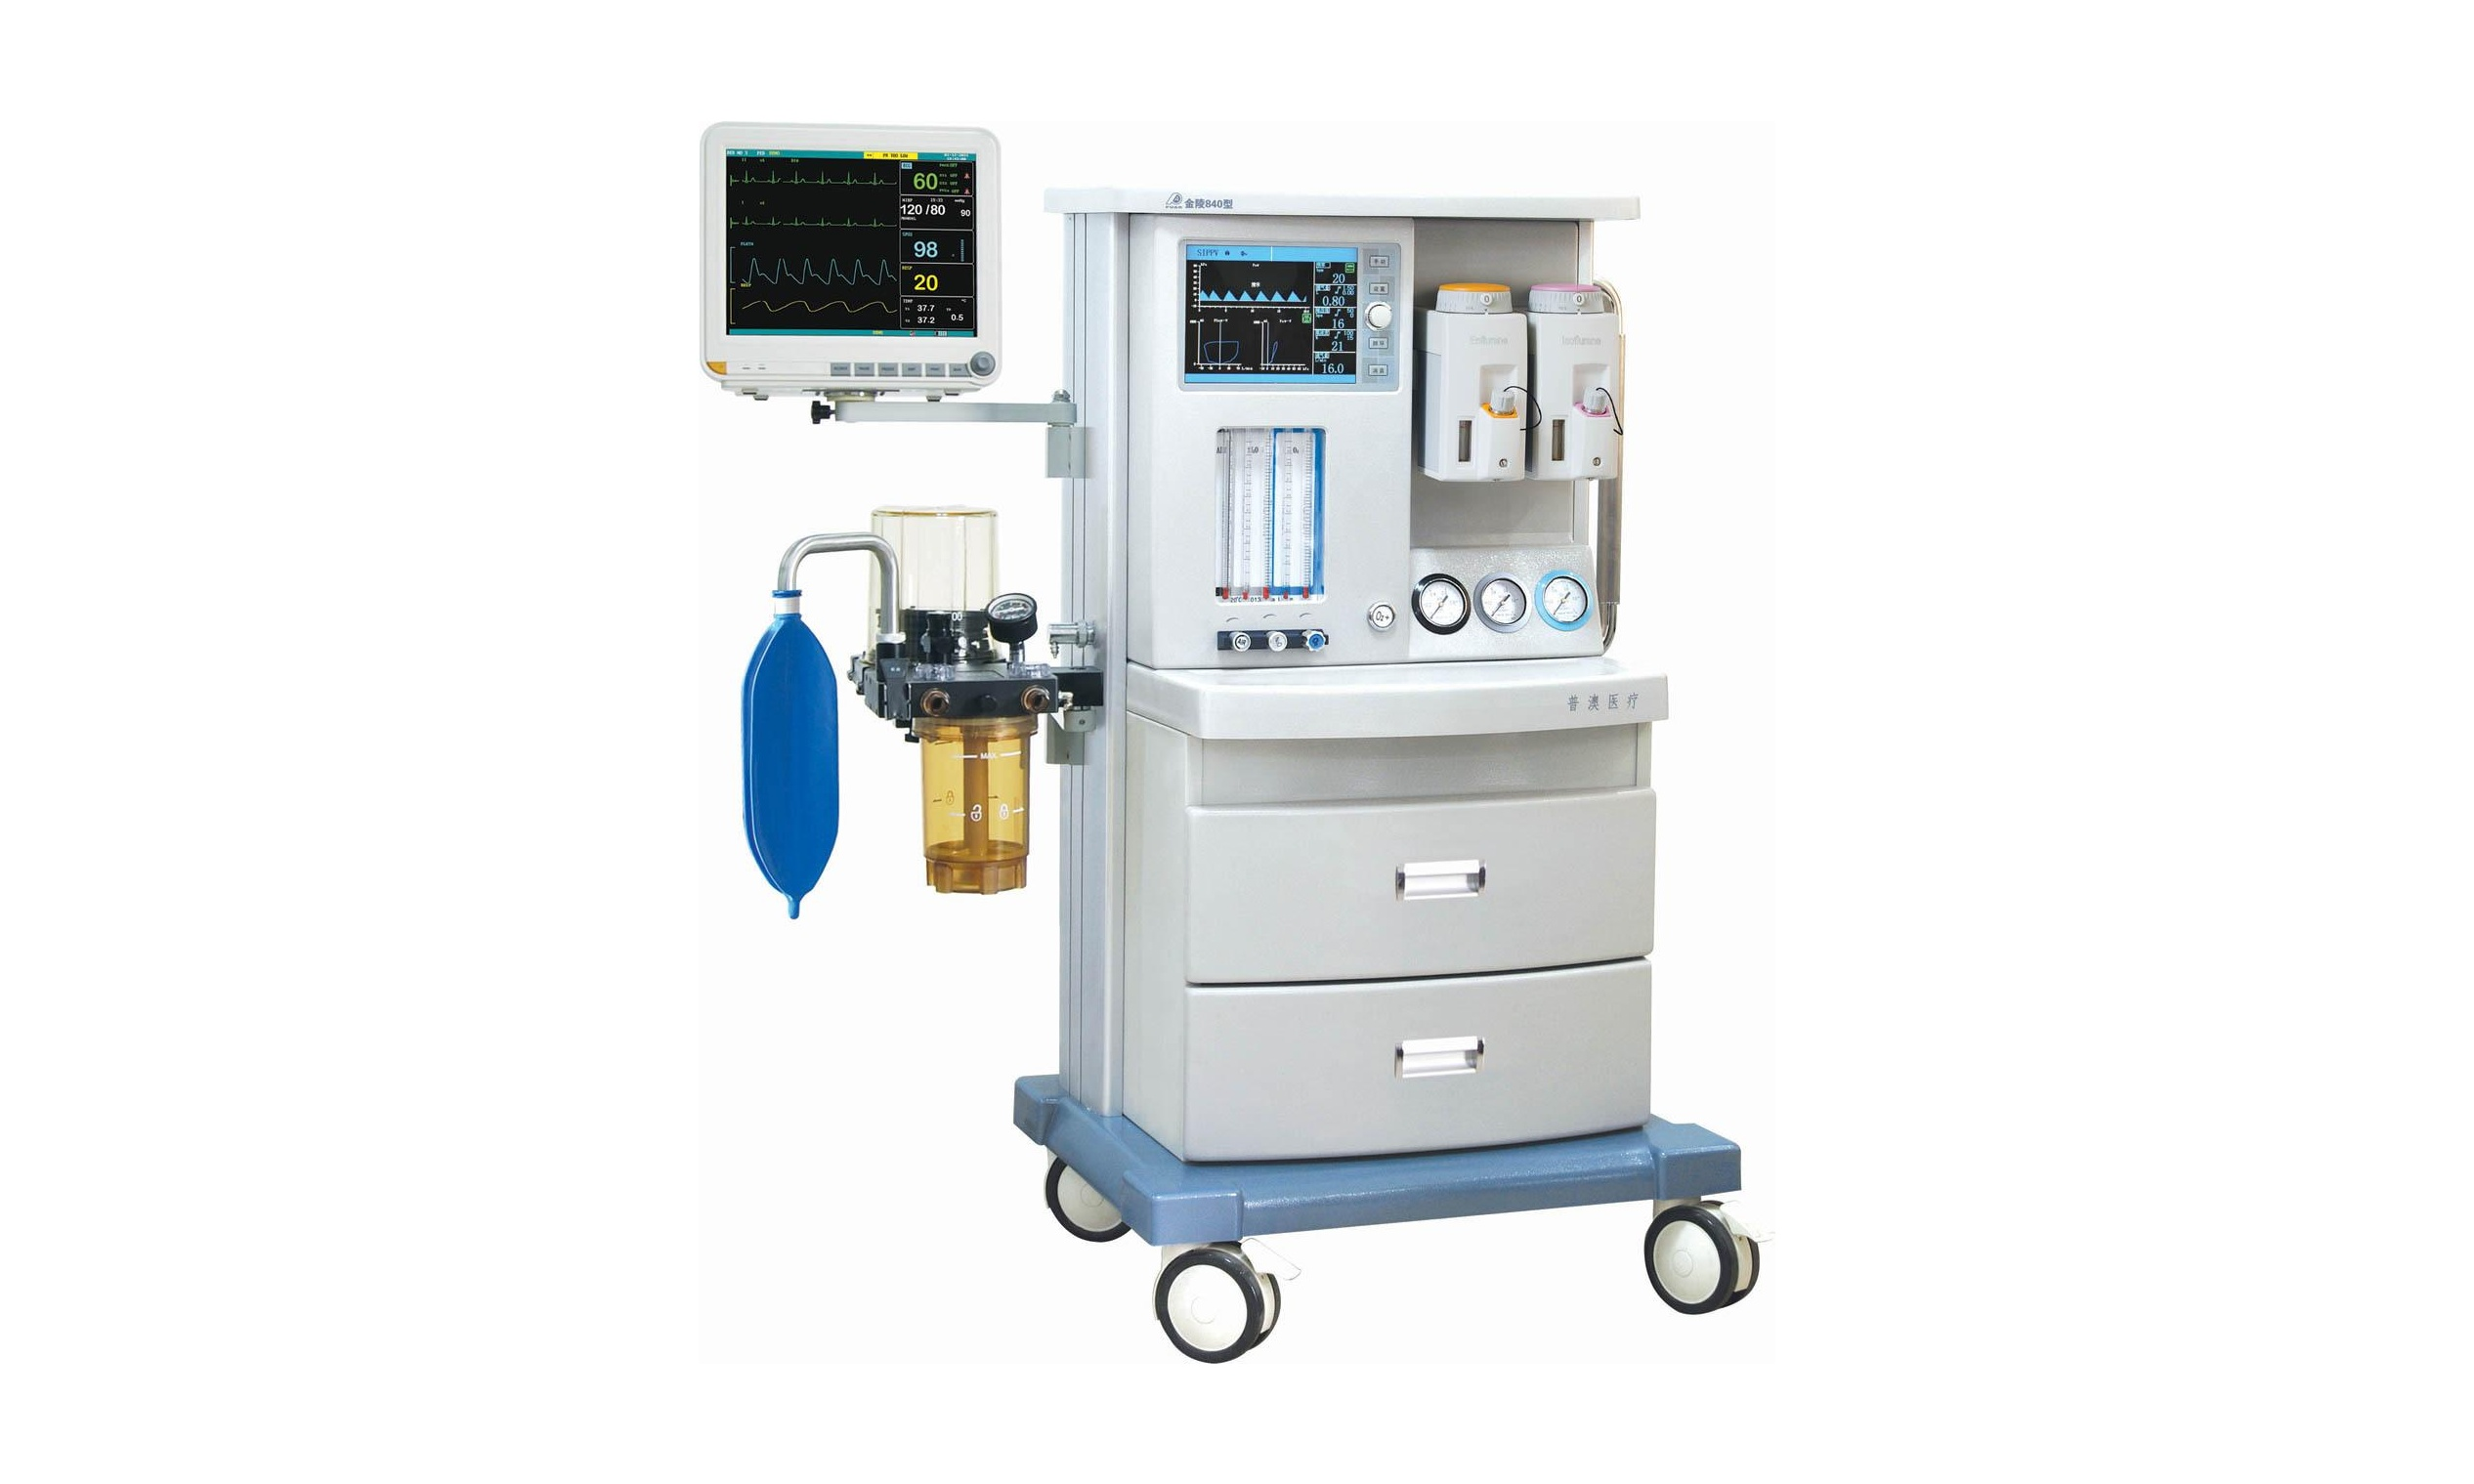 定西市第二人民医院麻醉机采购项目二次招标